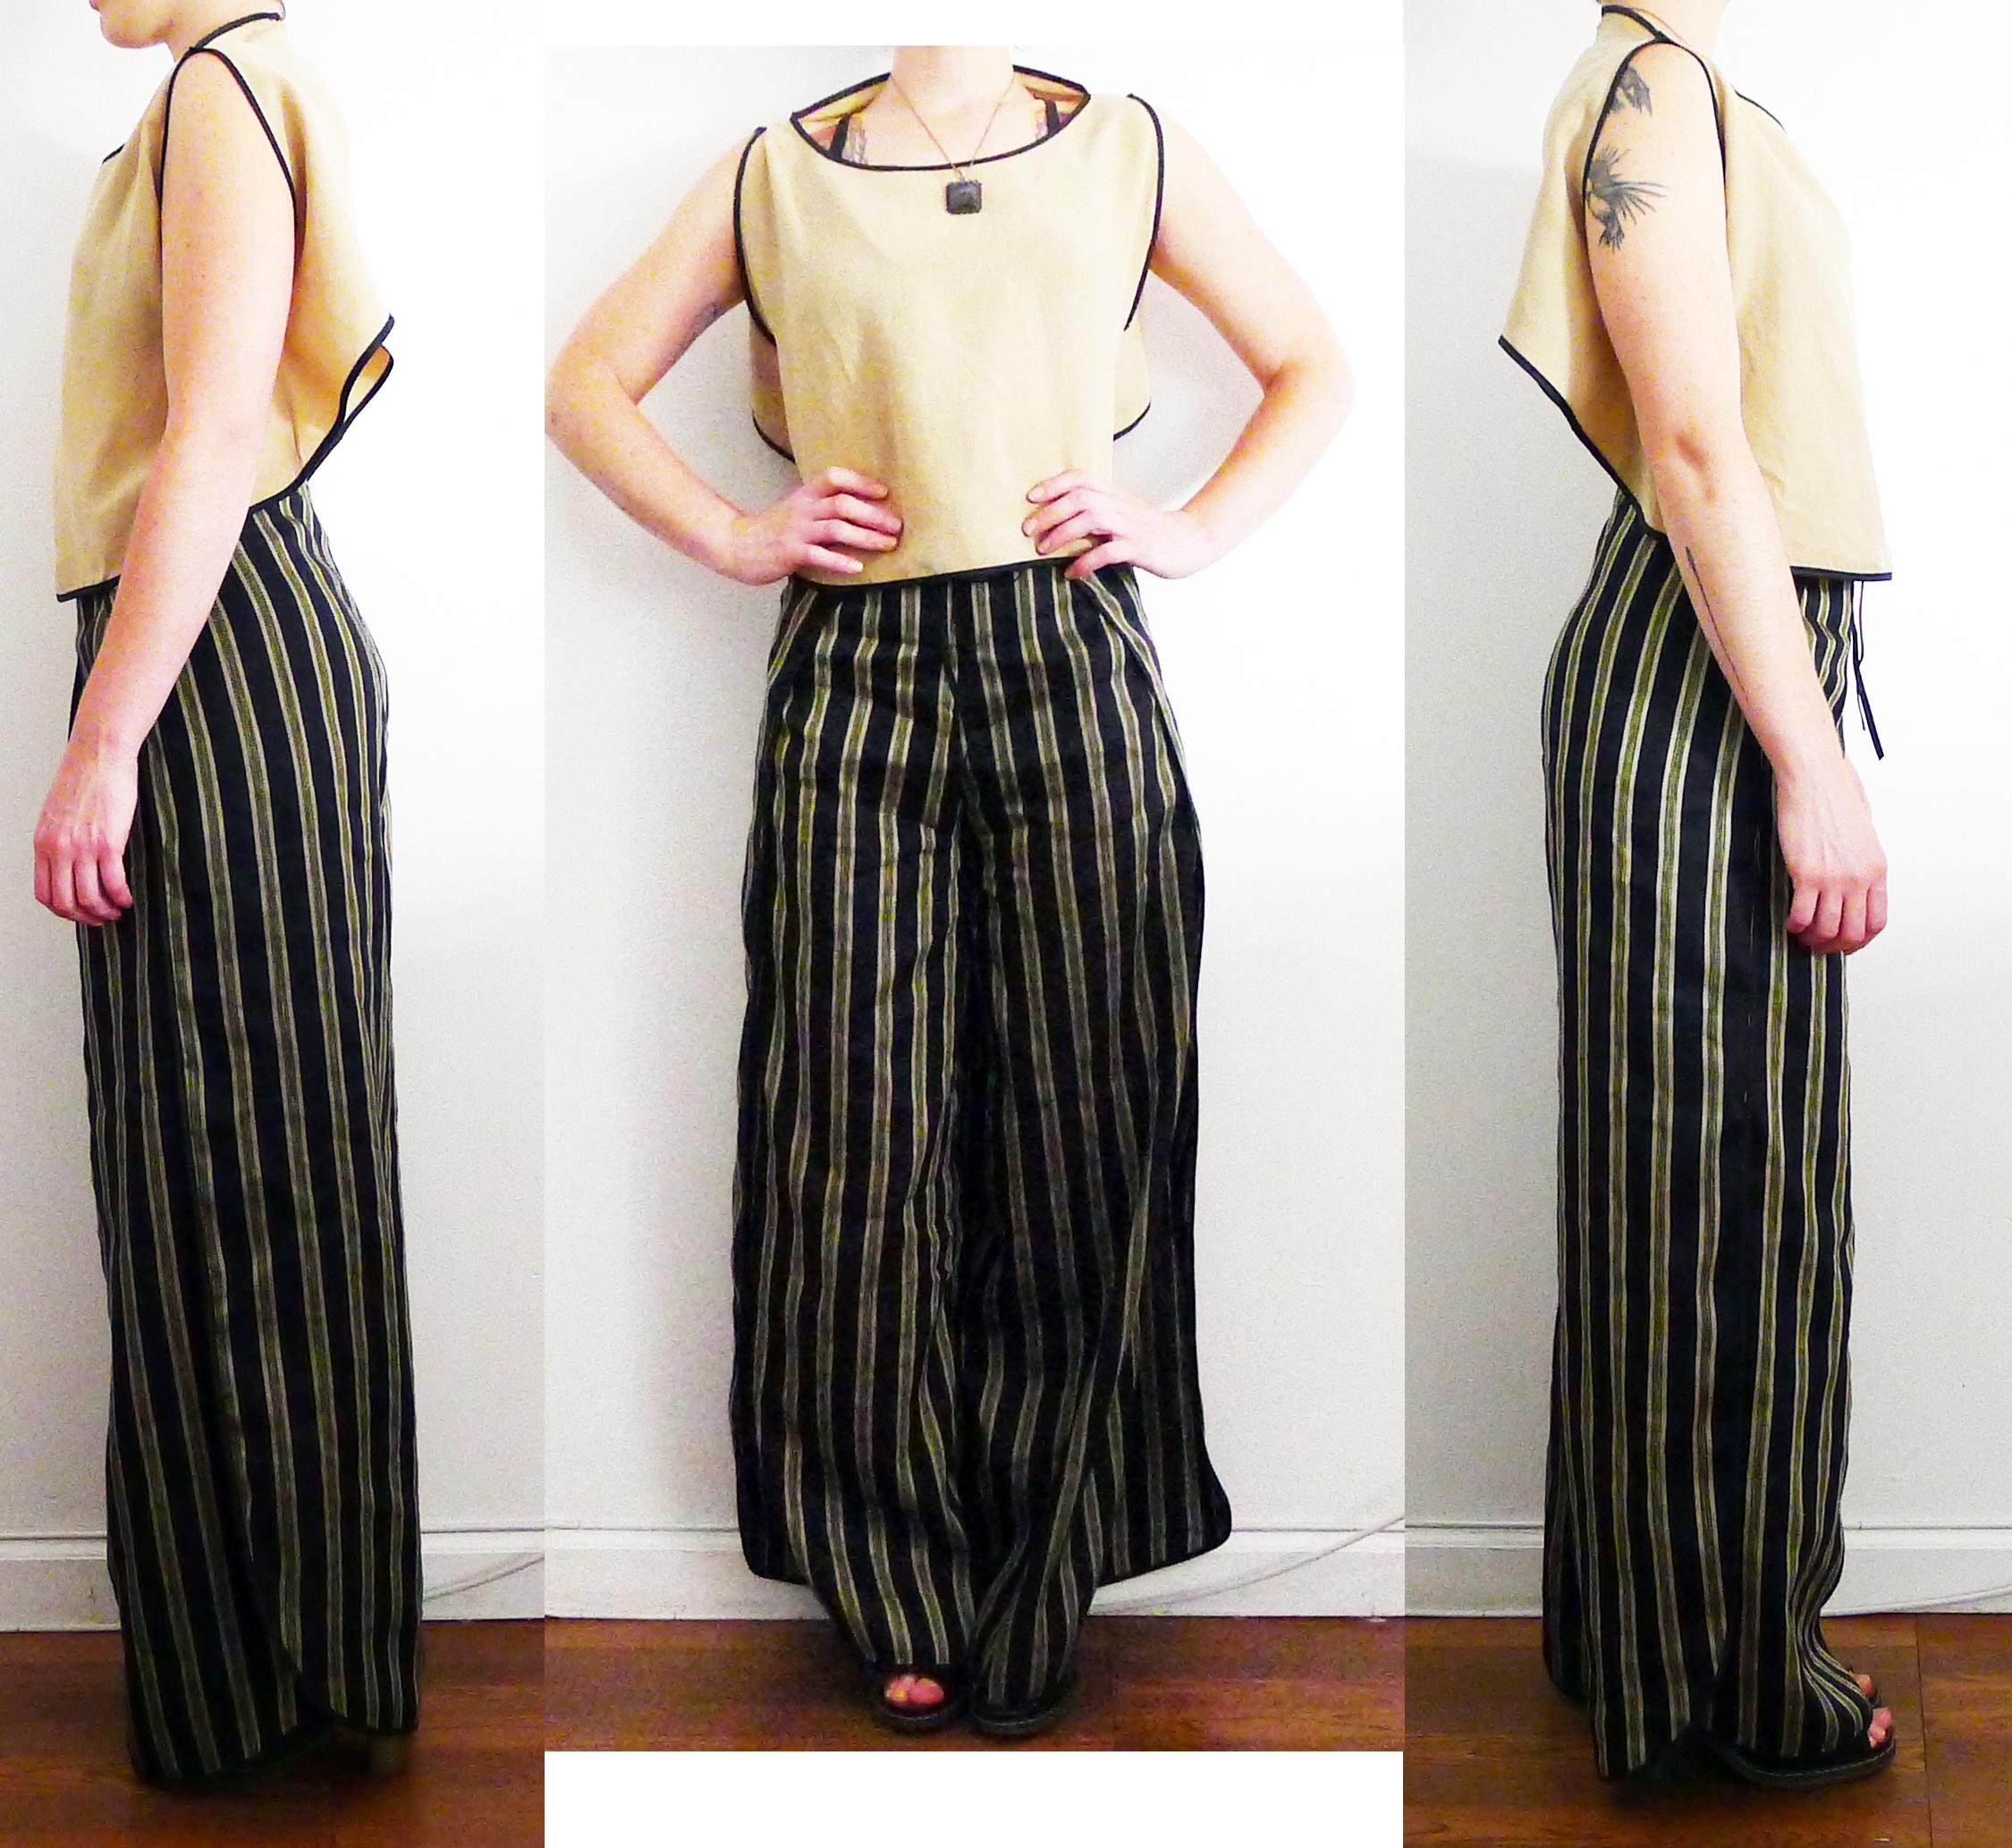 July 01, 2013 Ensemble on body. Silk Wrap Pants and Rayon Reverse Crop Top